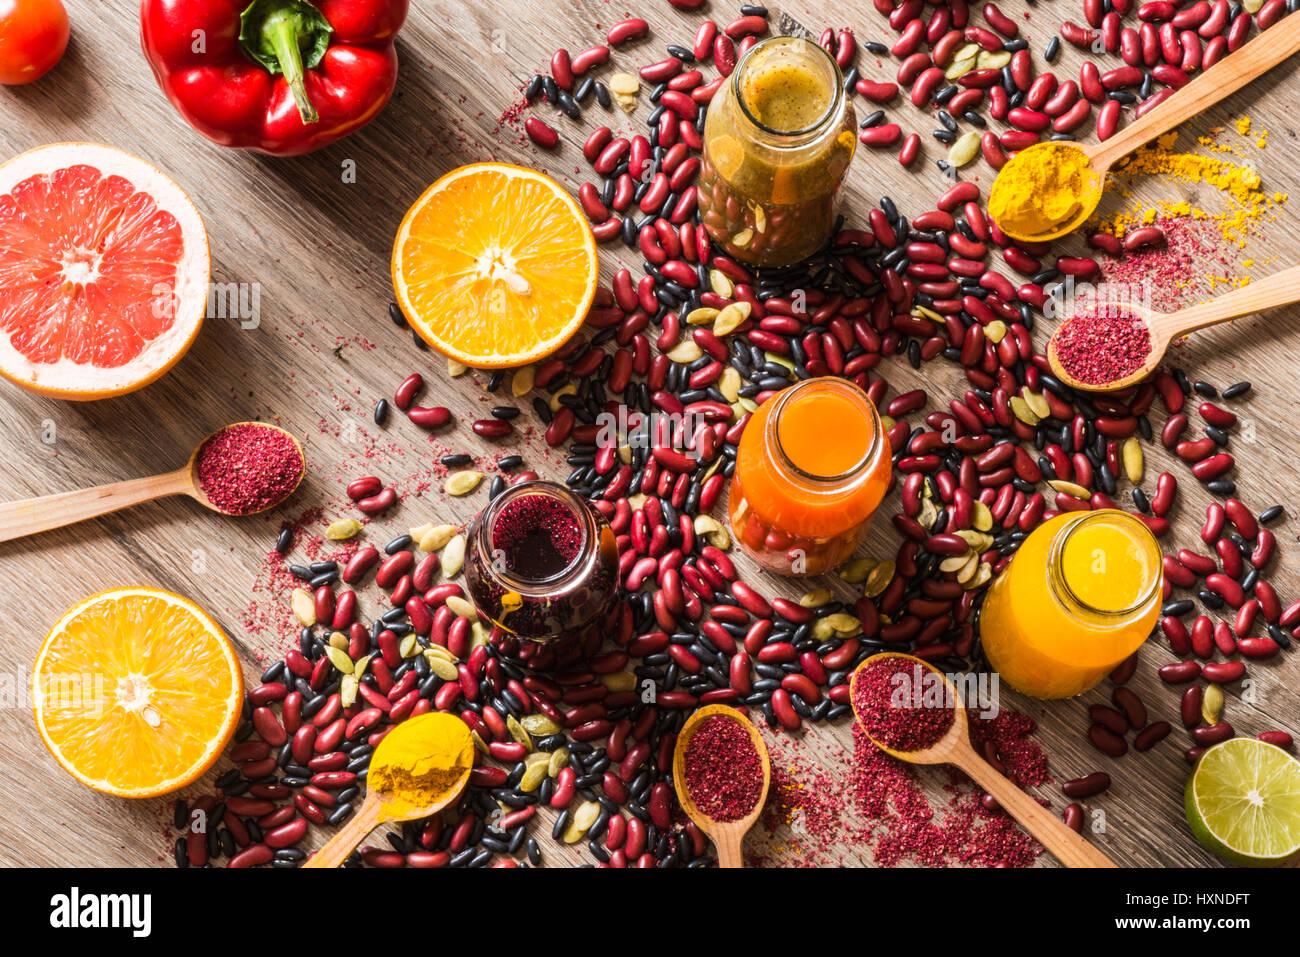 Régime alimentaire de désintoxication. Des jus de fruits colorés différents. Vue de dessus Photo Stock